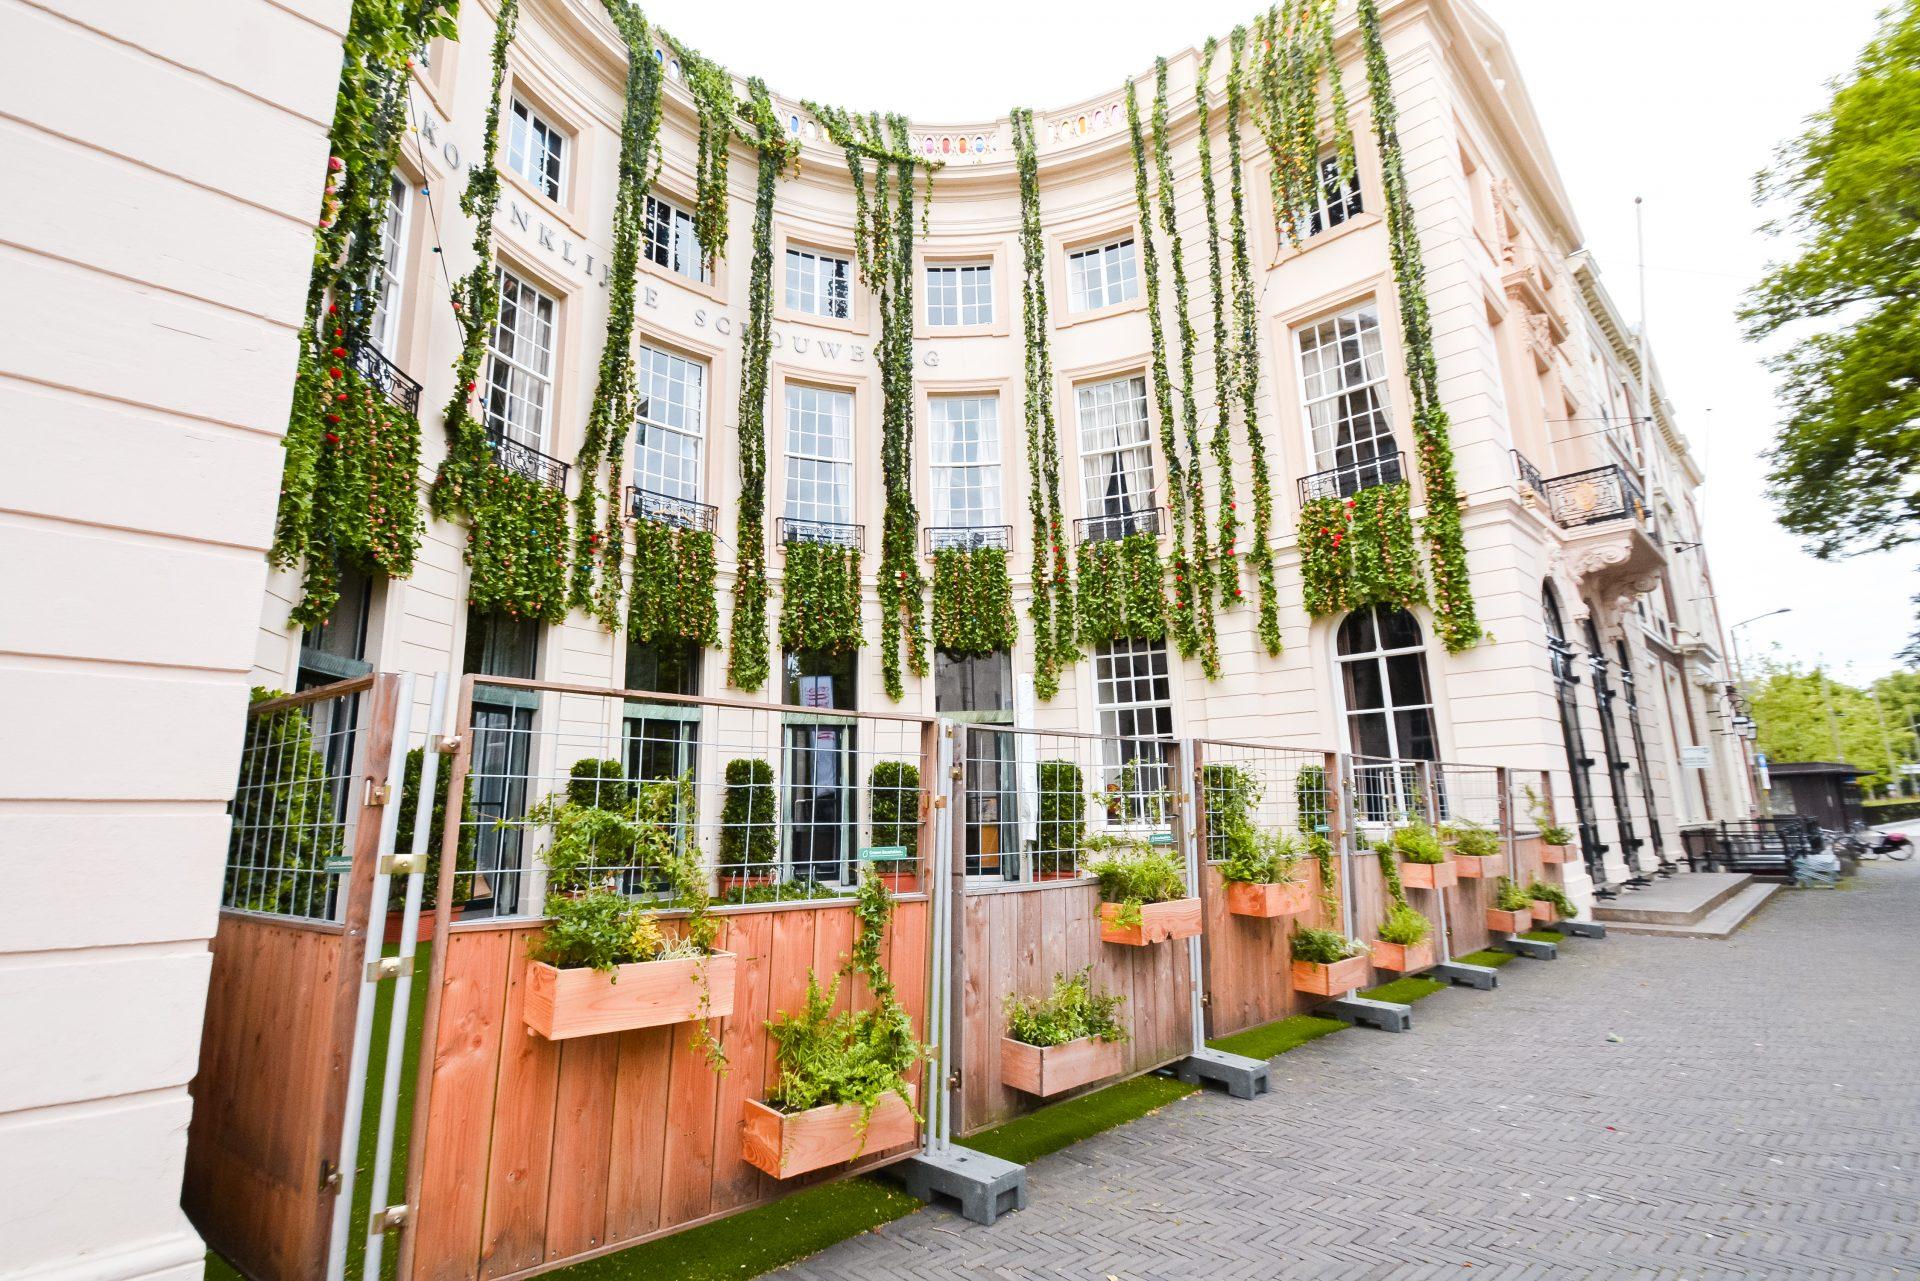 Groene Bouwhekken bij Koningklijke Schouwburg Den Haag